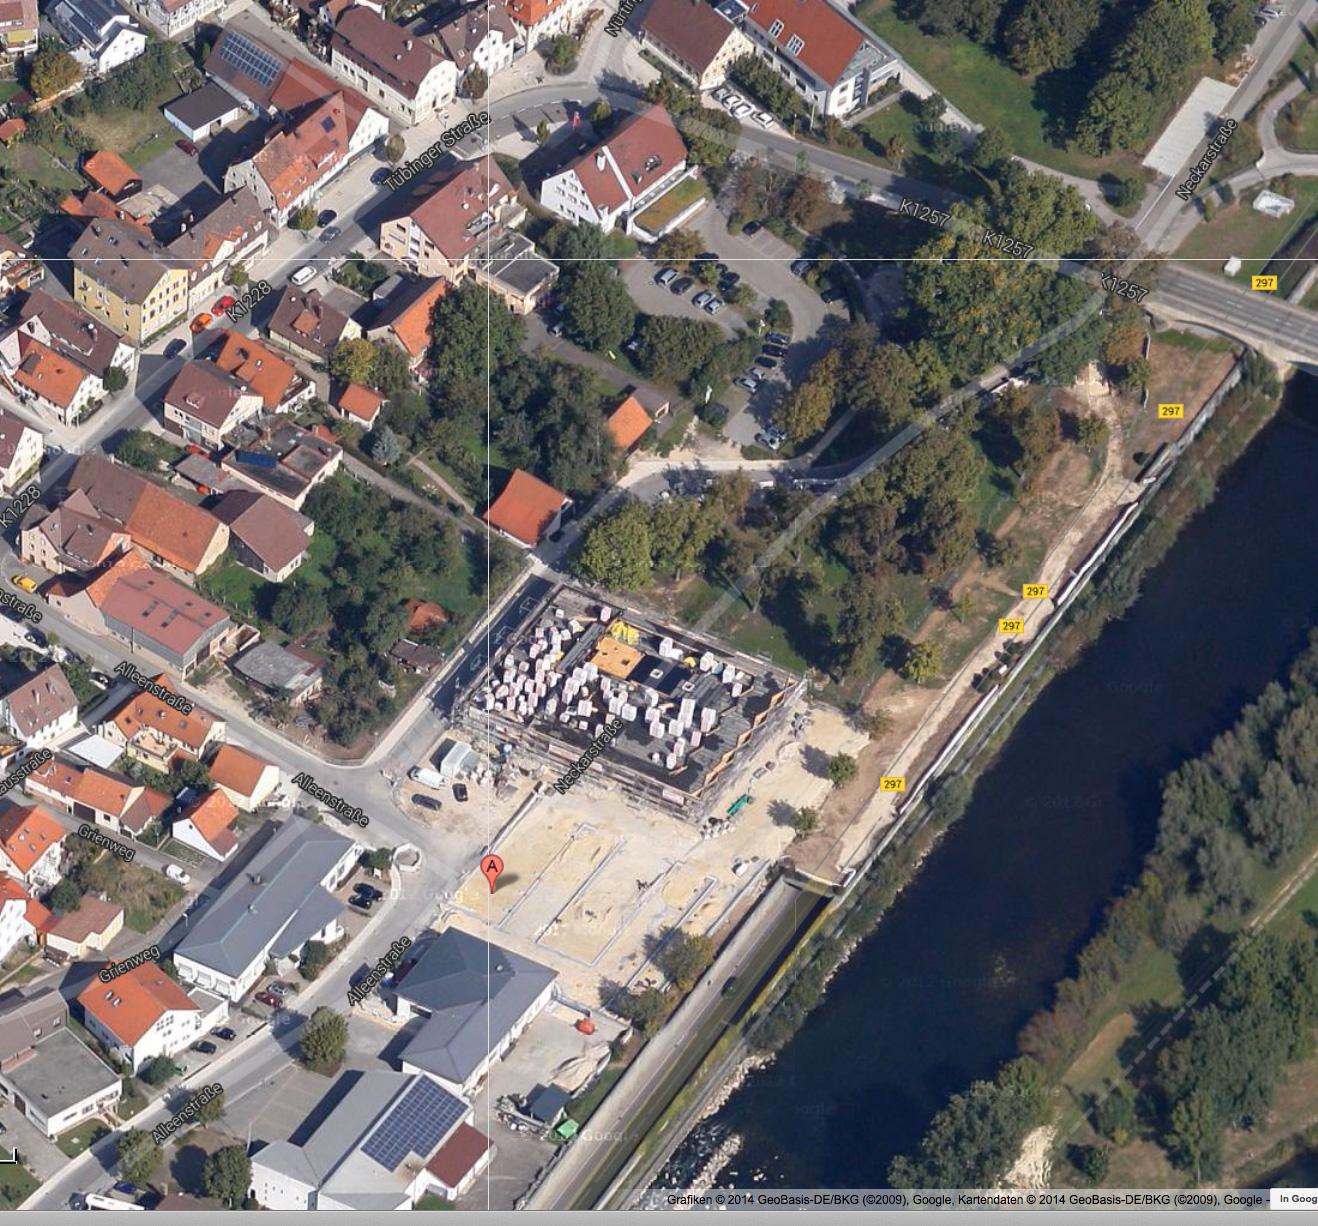 Ab Juni sehen Sie hier den Plan mit den eingezeichneten Ausstellungsflächen. © by Google Maps